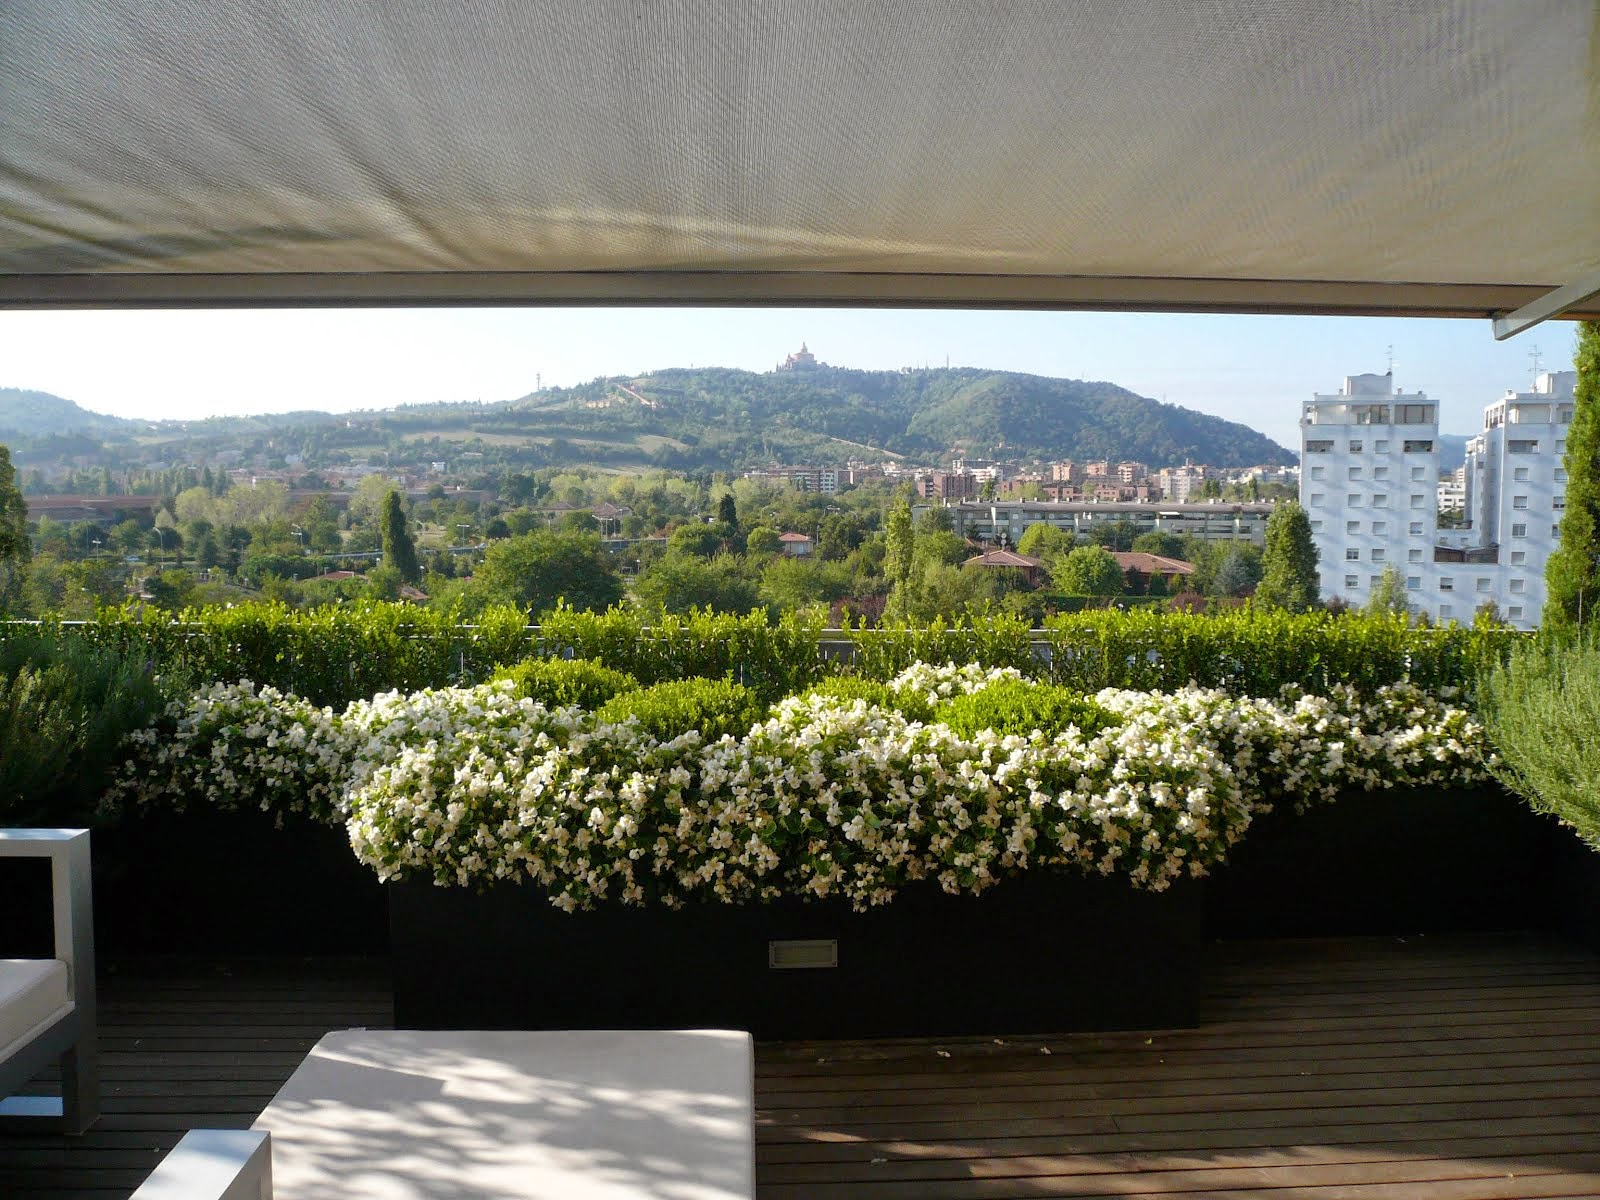 Arredo e design il giardino in terrazzo corso a modena for Arredo giardino bologna